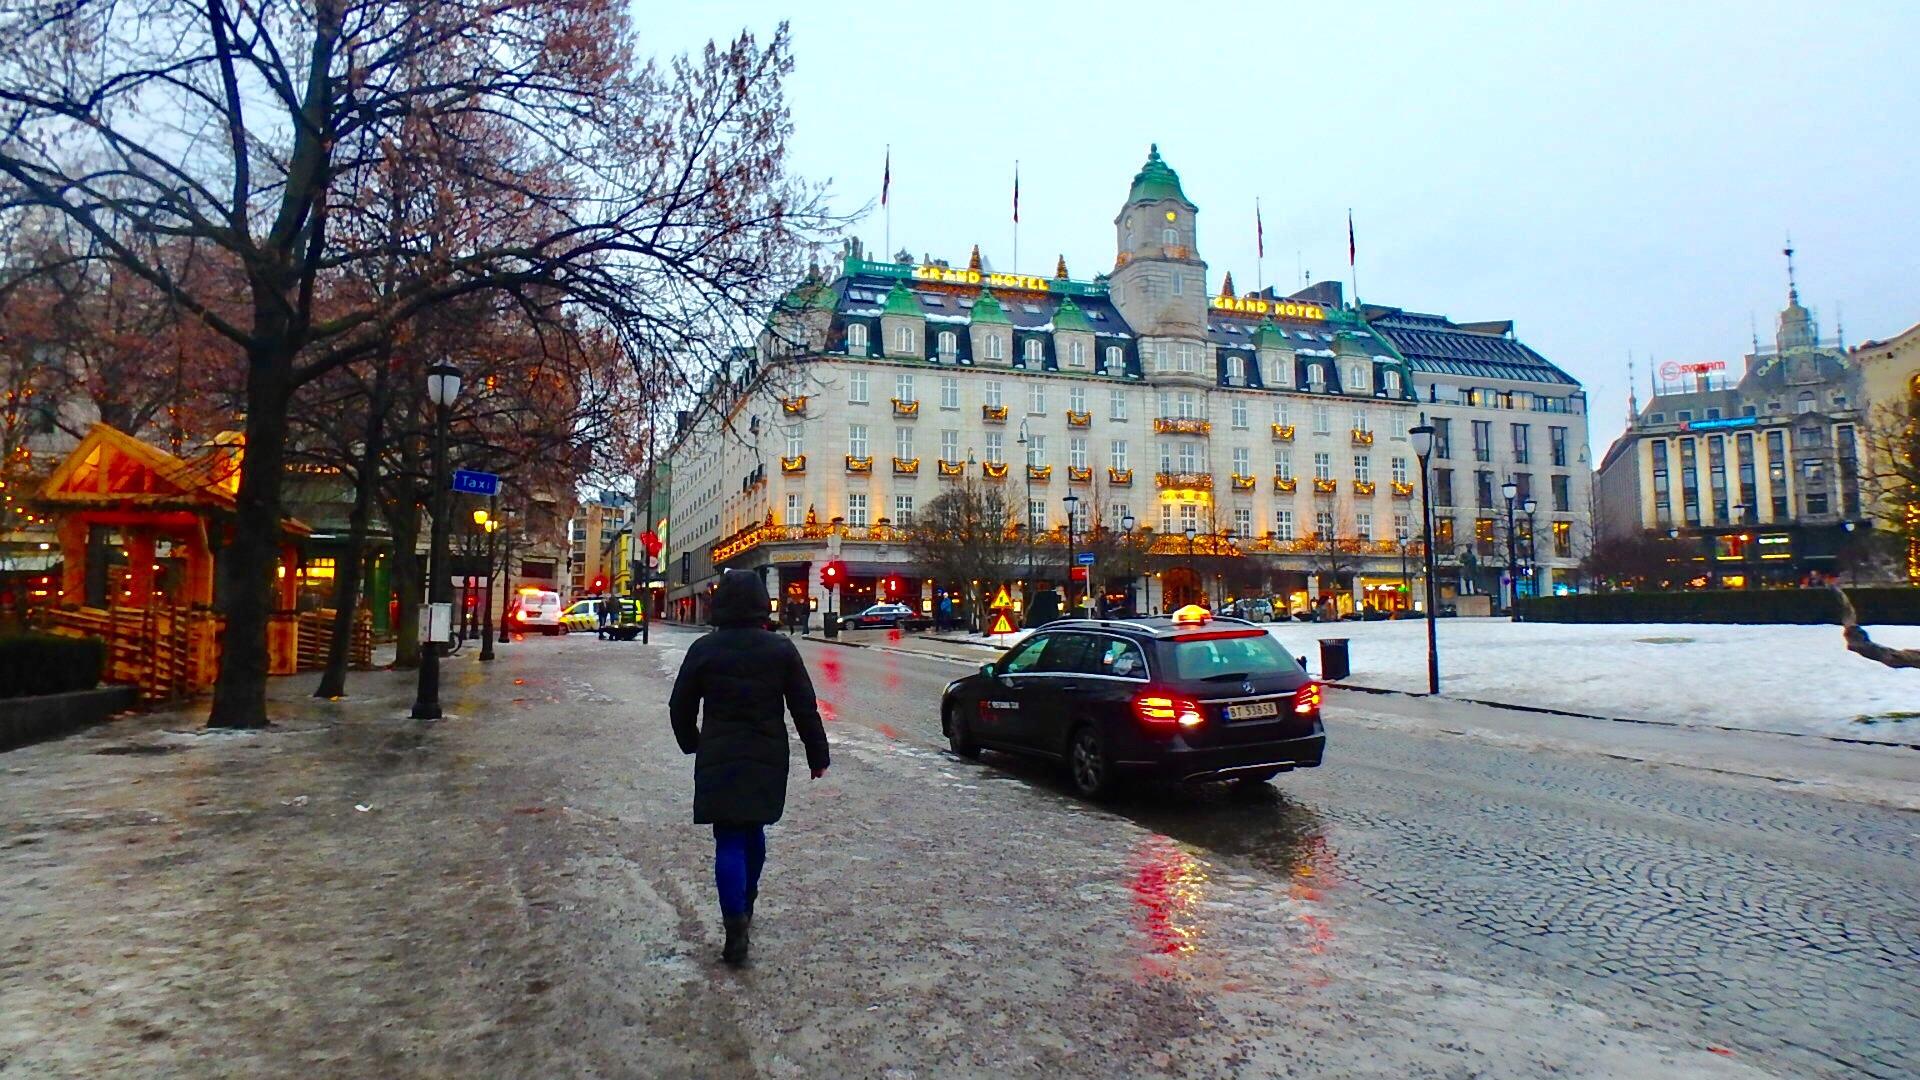 ノルウェー オスロ グランドホテル 五つ星